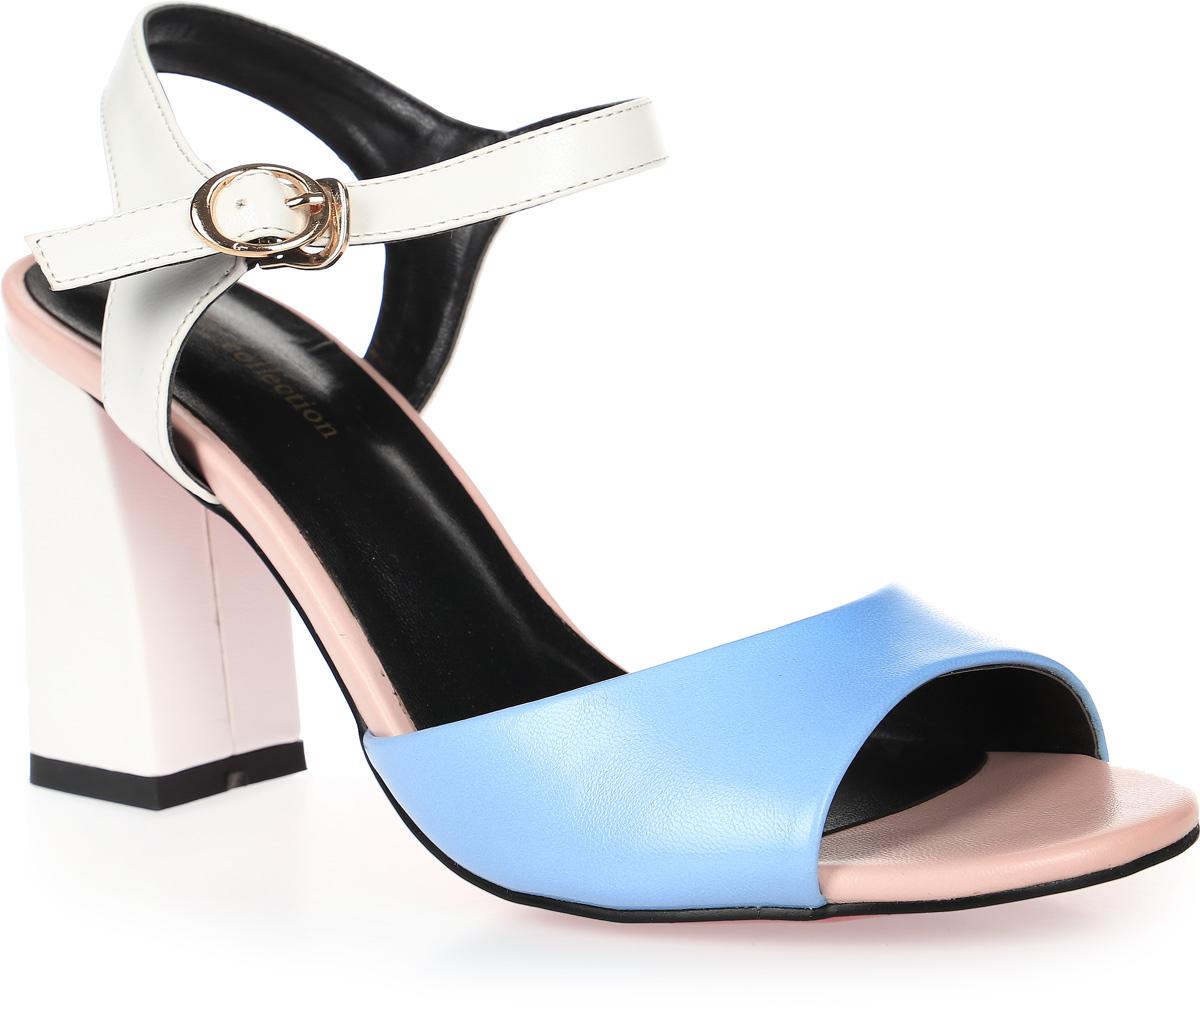 Босоножки женские LK collection, цвет: голубой. SP-QA2102-2 PU (SP-Q32001-2). Размер 38SP-QA2102-2 PU (SP-Q32001-2)Стильные босоножки на устойчивом каблуке выполнены из искусственной кожи. Стелька выполнена из натуральной кожи. Босоножки фиксируются на ноге при помощи застежки-пряжки.